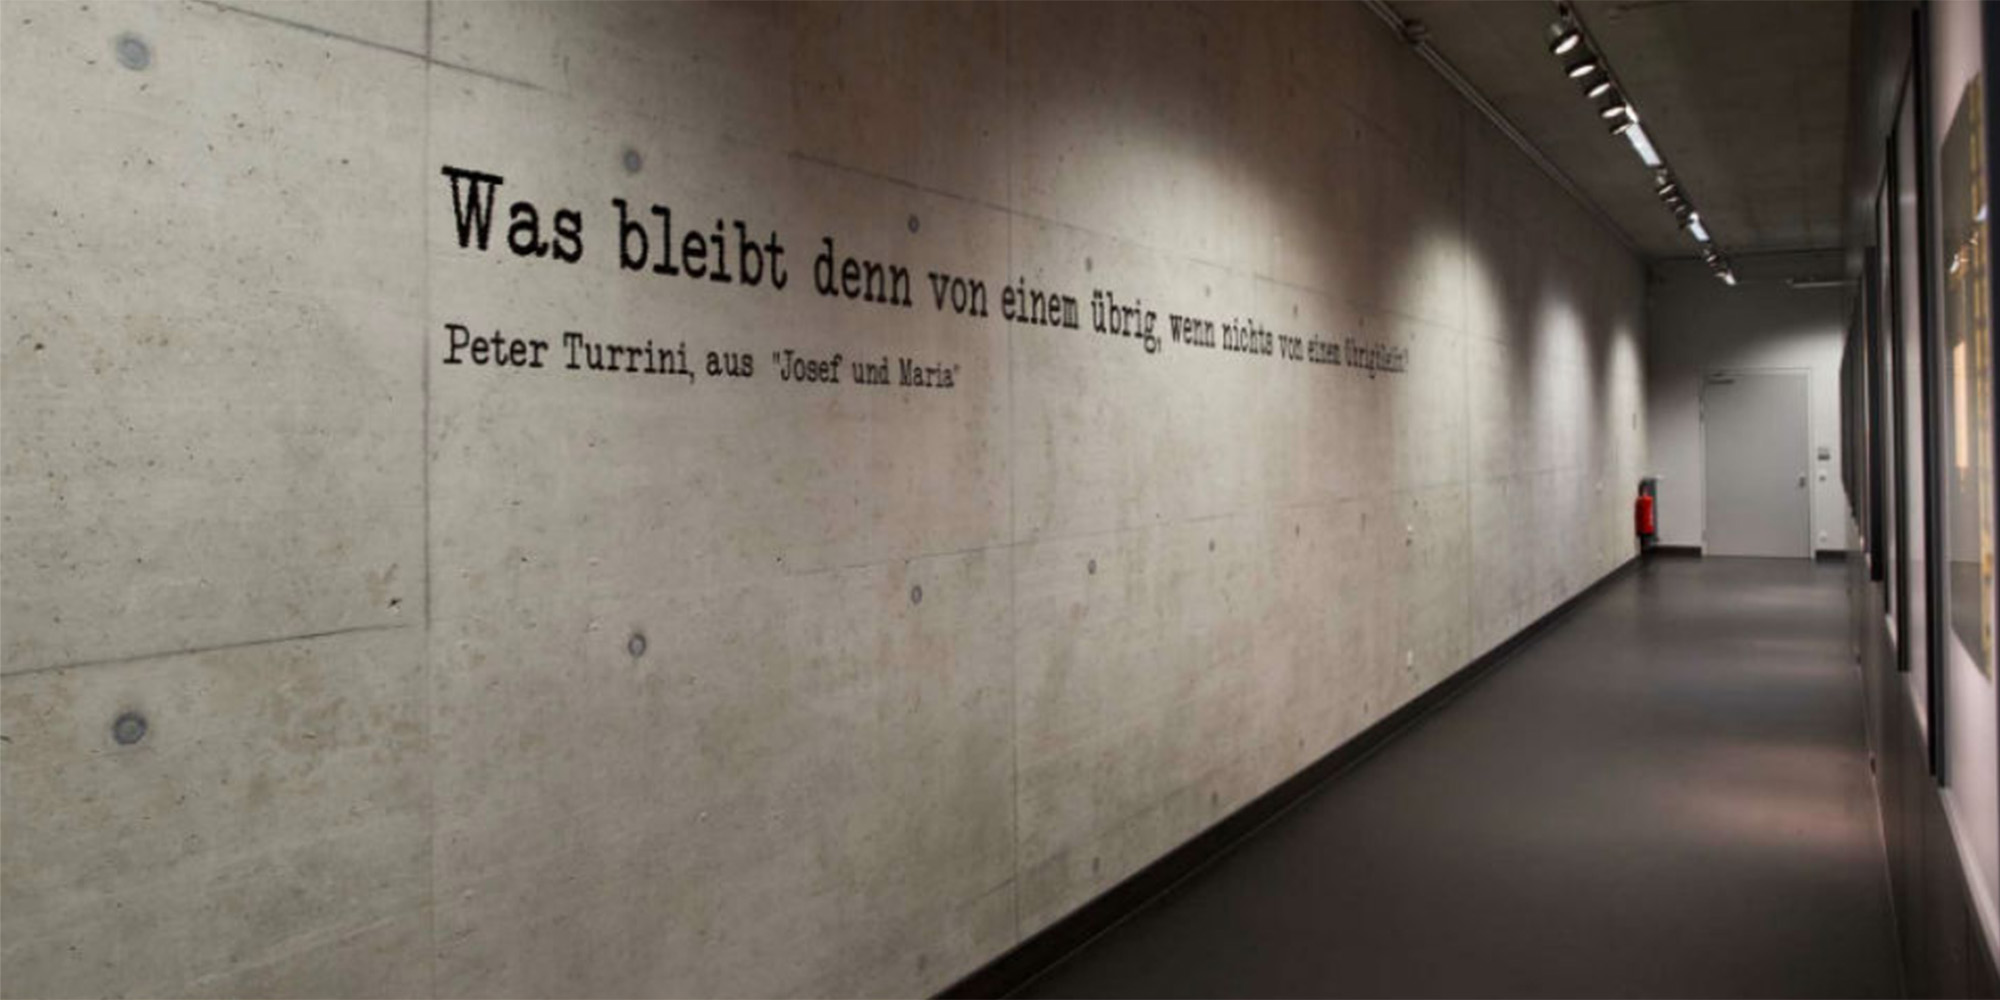 © MarkusRoessle, TurriniZitat, ArchivderZeitgenossen